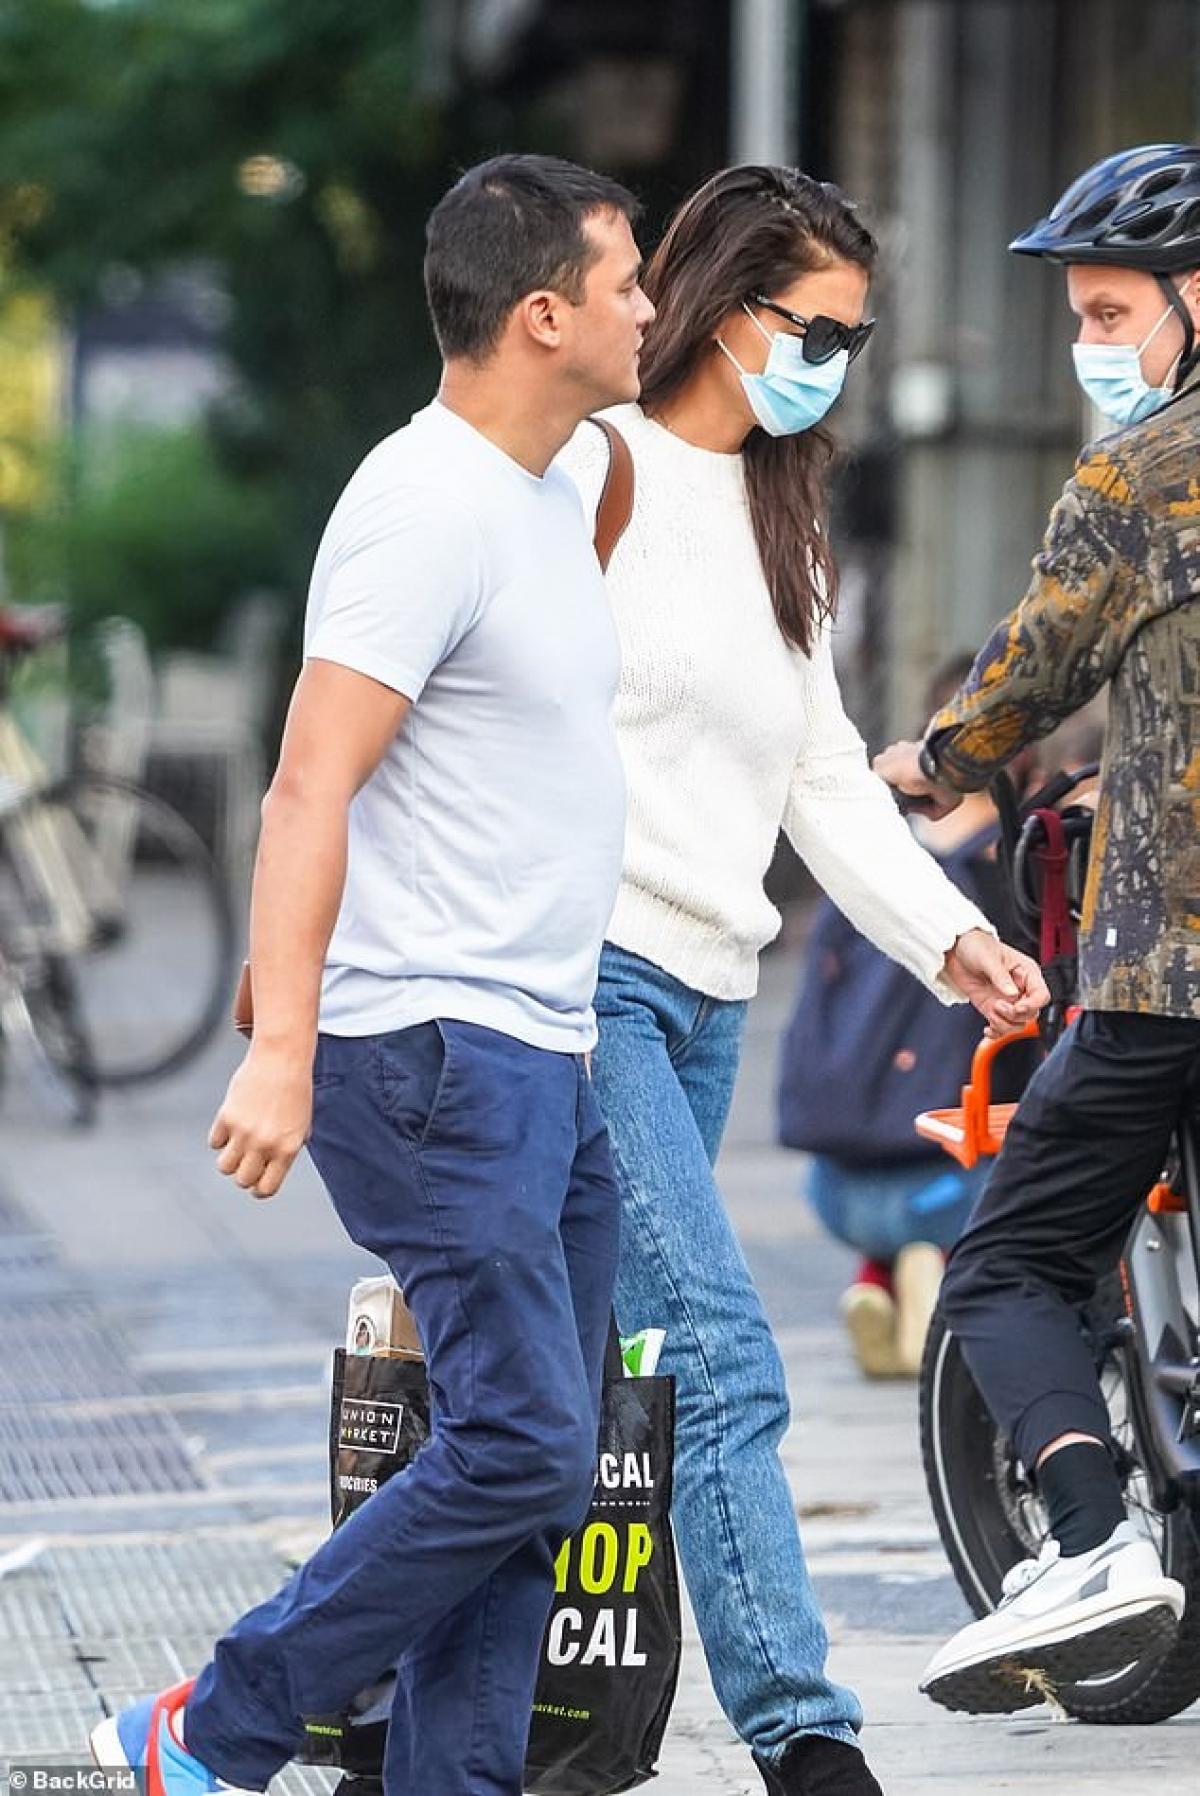 Ngày 13/9, Katie Holmes vừa được người tình Emilio Vitolo lái xe đưa về nhà sau 5 tiếng hẹn hò tình cảm.